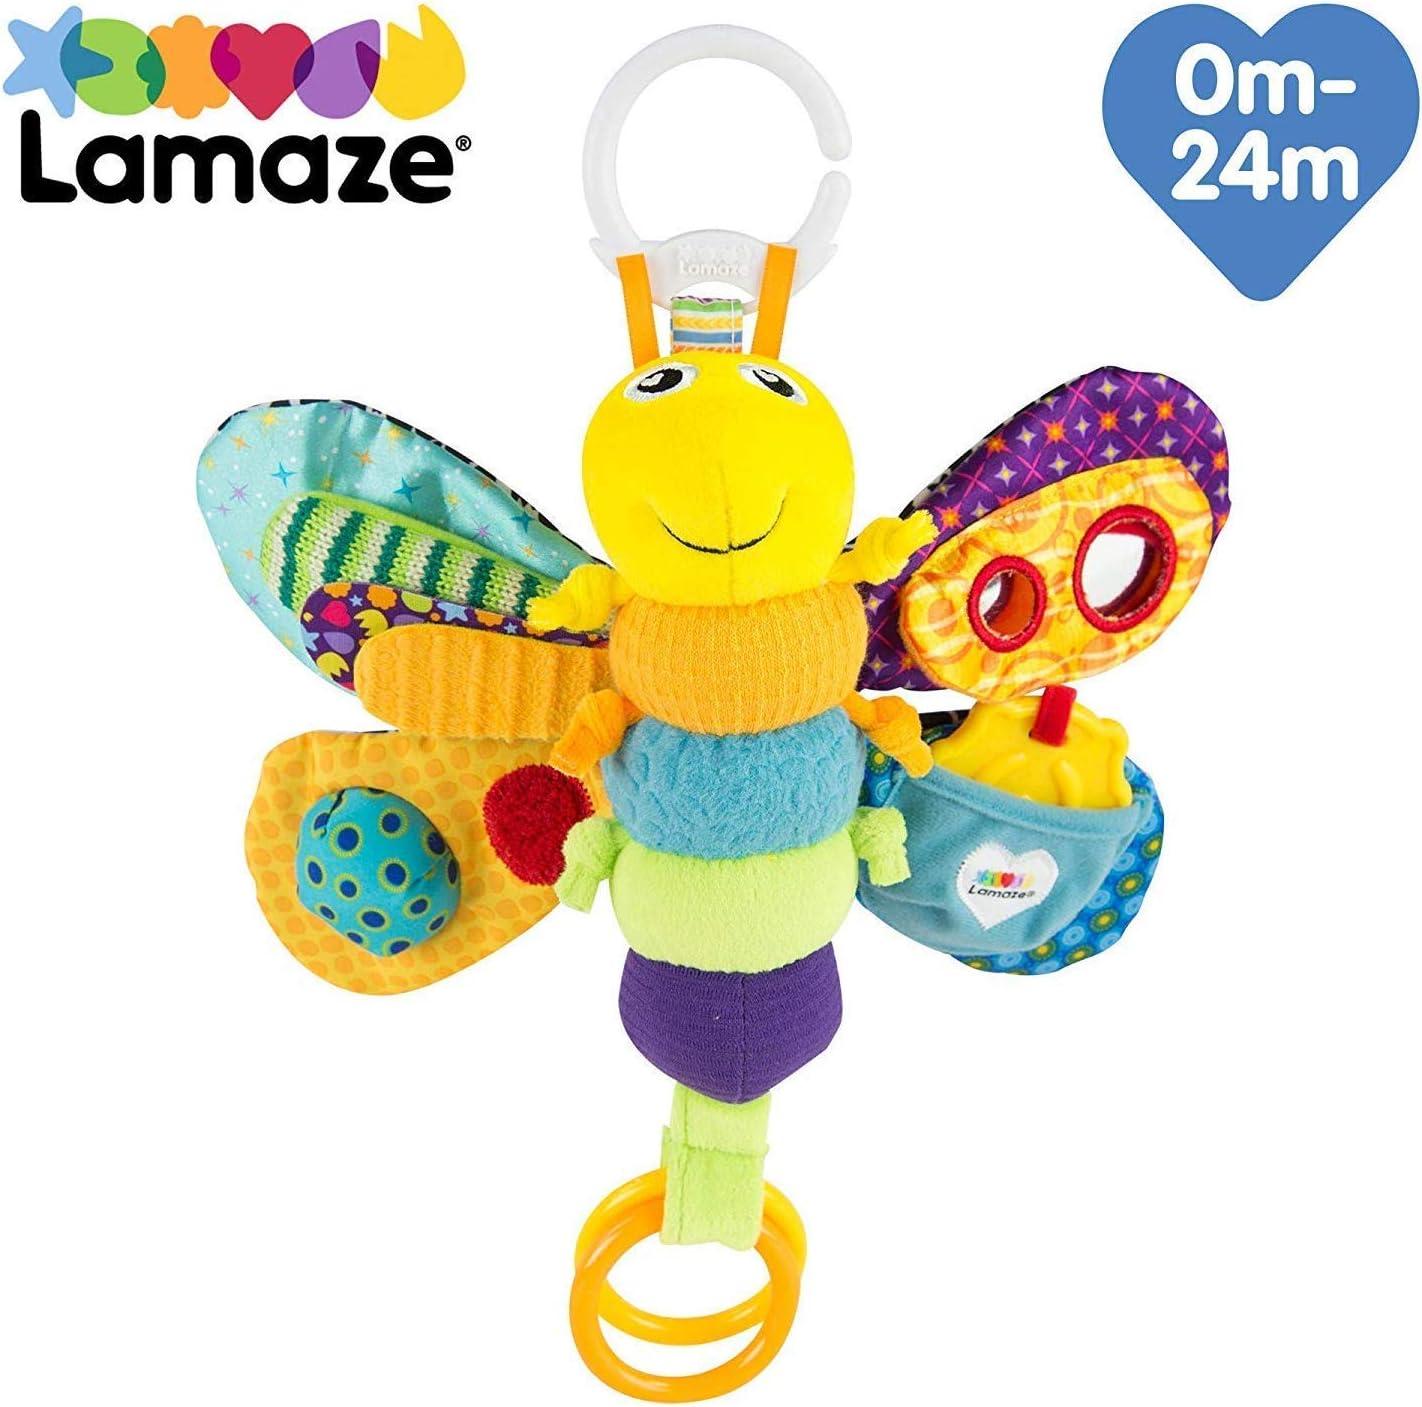 Lamaze Freddie la Luciernaga Juguete Bebé, 0-24 meses (BIZAK 30697024) , color/modelo surtido